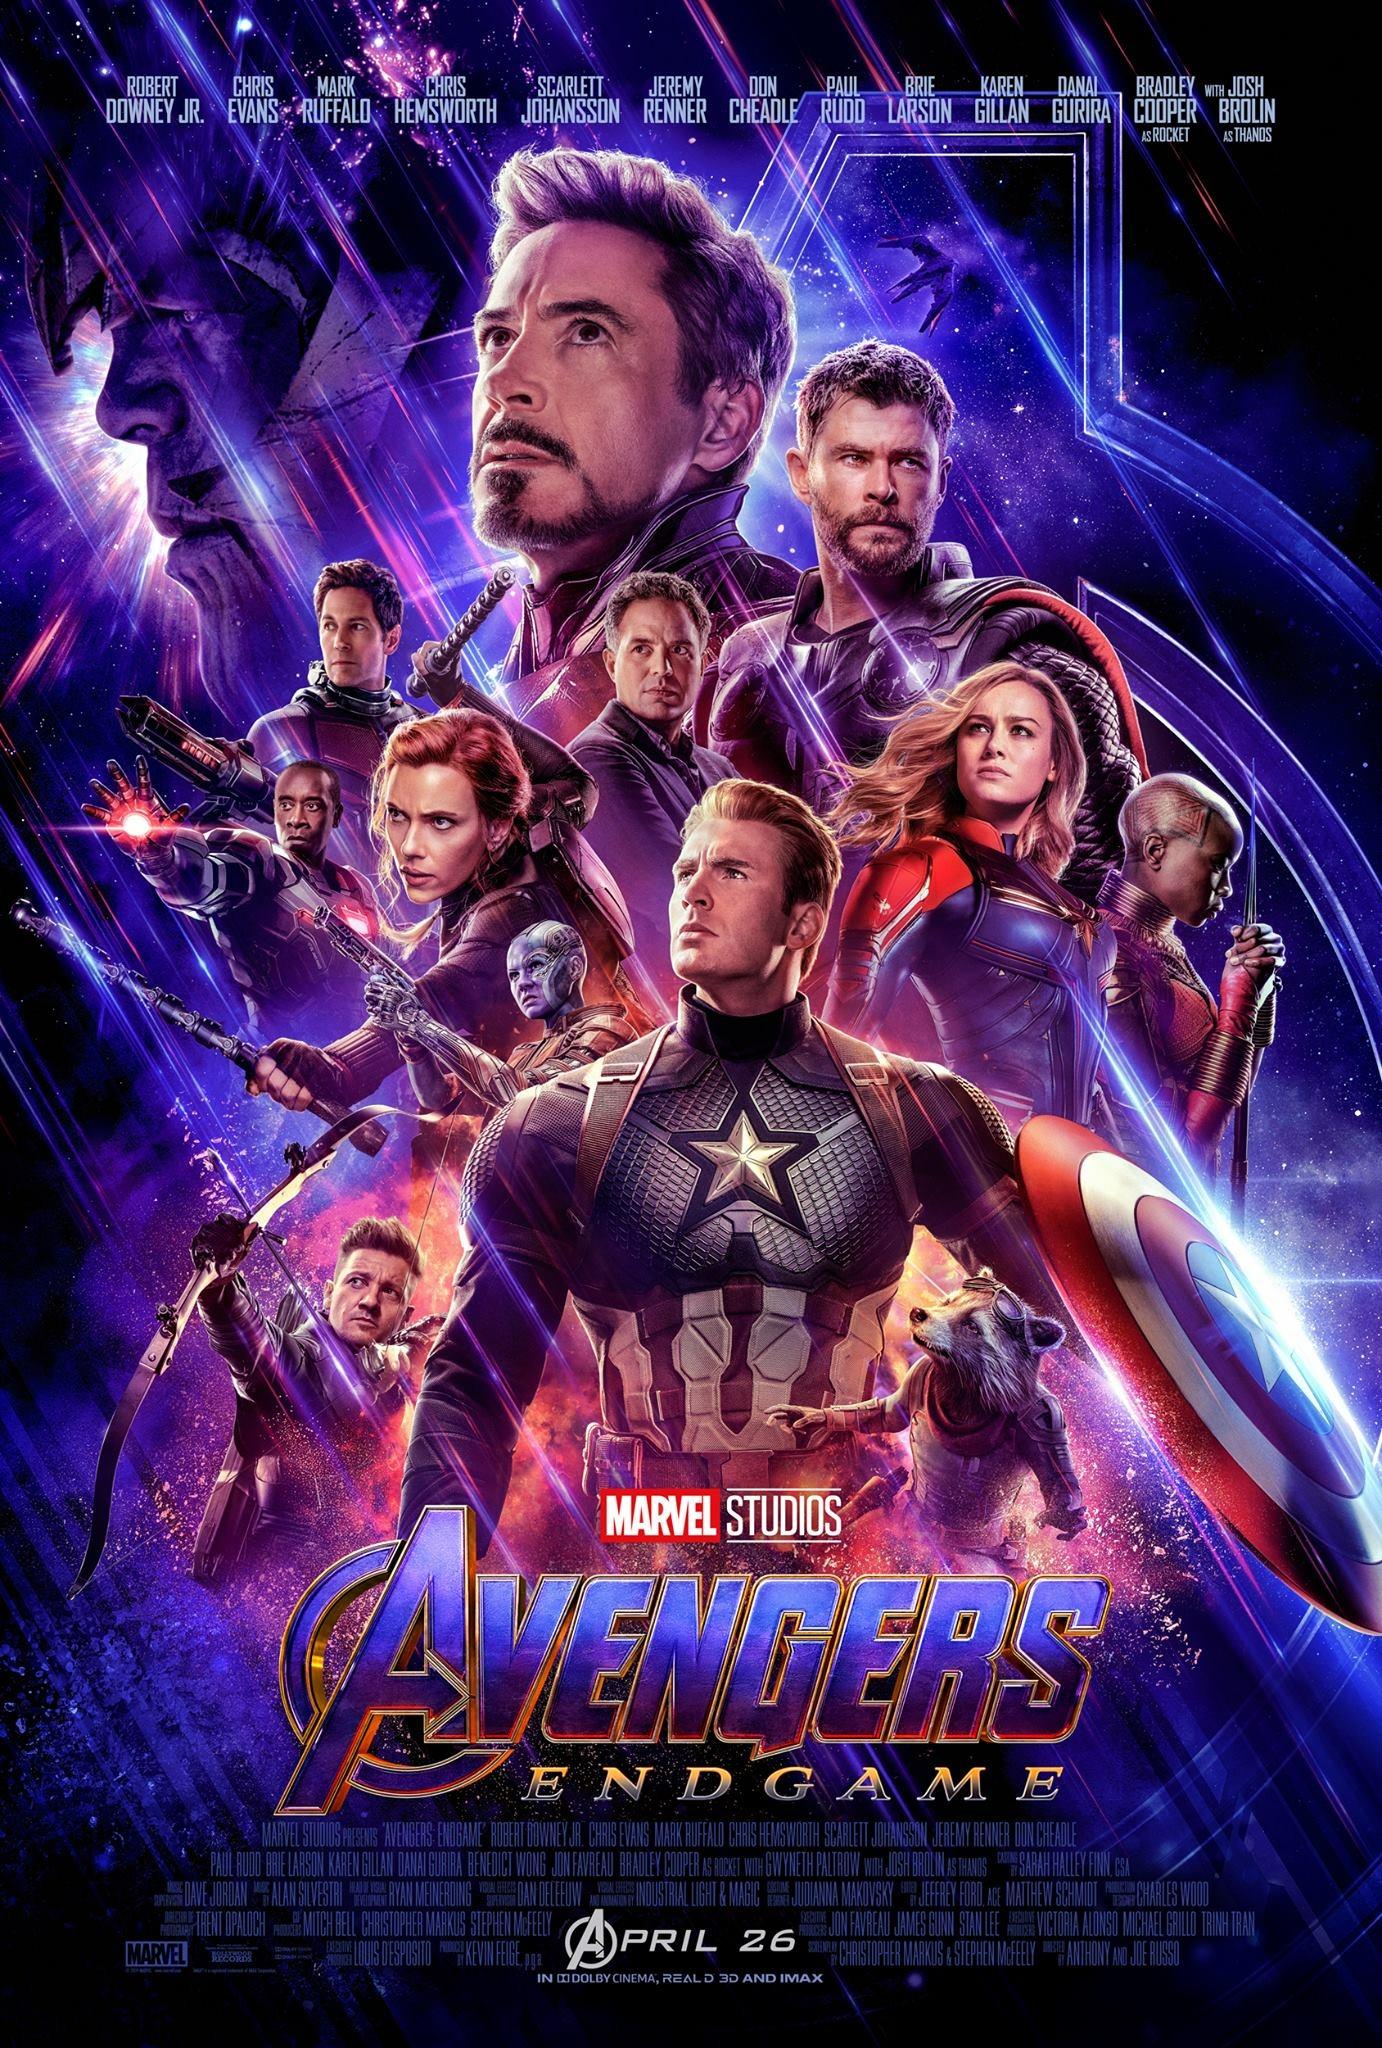 """Avengers: Endgame / """"Отмъстителите: Краят"""" – Премиерна дата: 26/04/2019; Режисьори: Джо и Антъни Русо; Участват: Крис Еванс, Джош Бролин, Робърт Дауни Джуниър"""